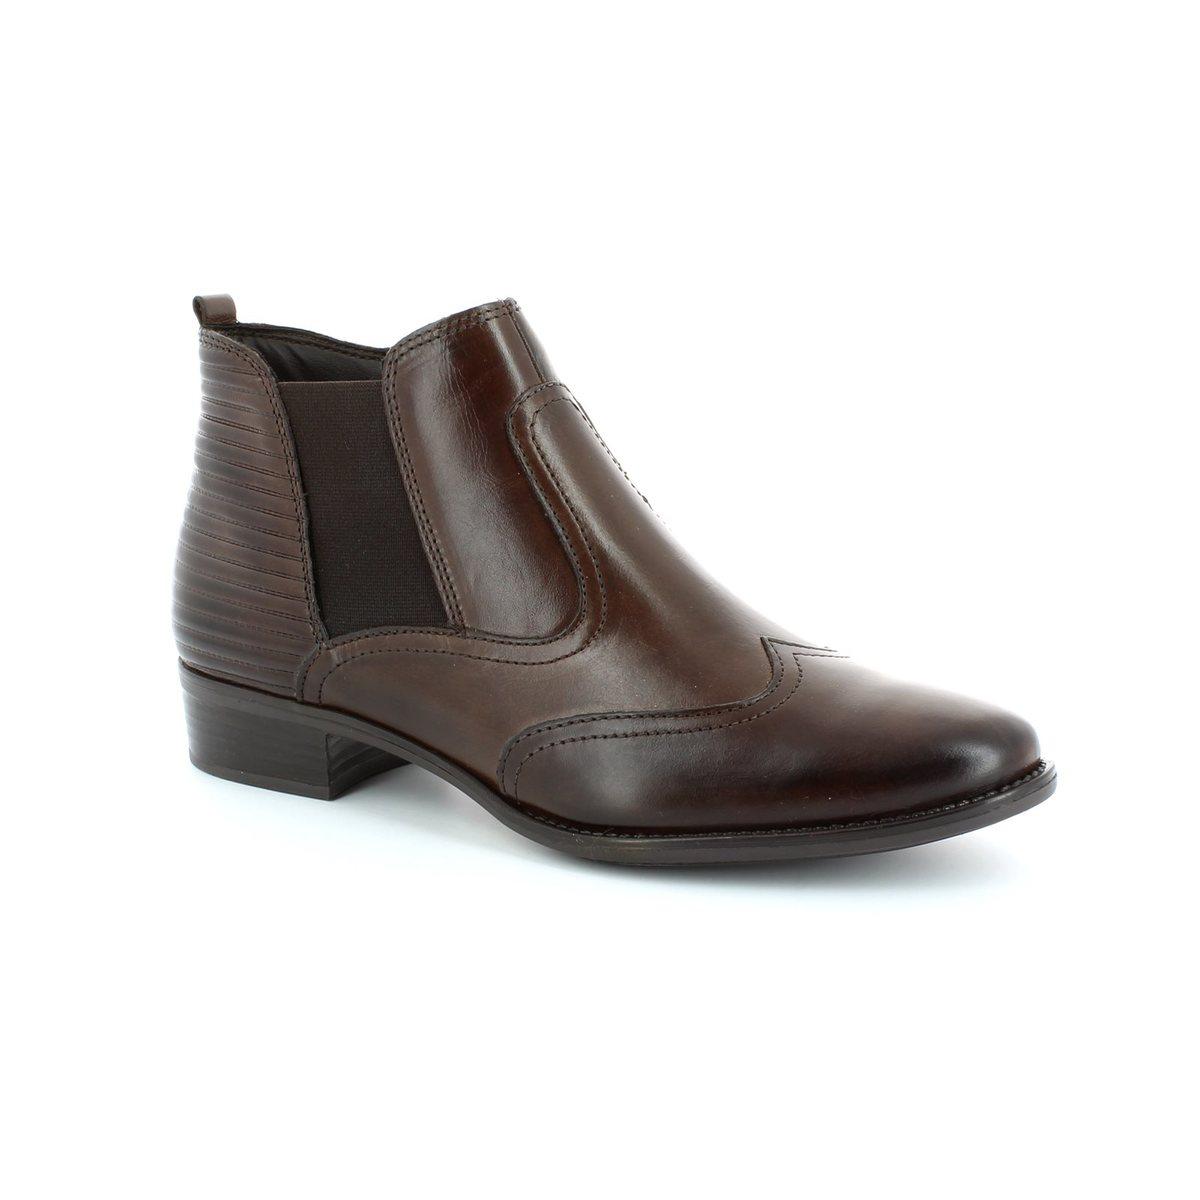 tamaris linda 25001 323 brown ankle boots. Black Bedroom Furniture Sets. Home Design Ideas